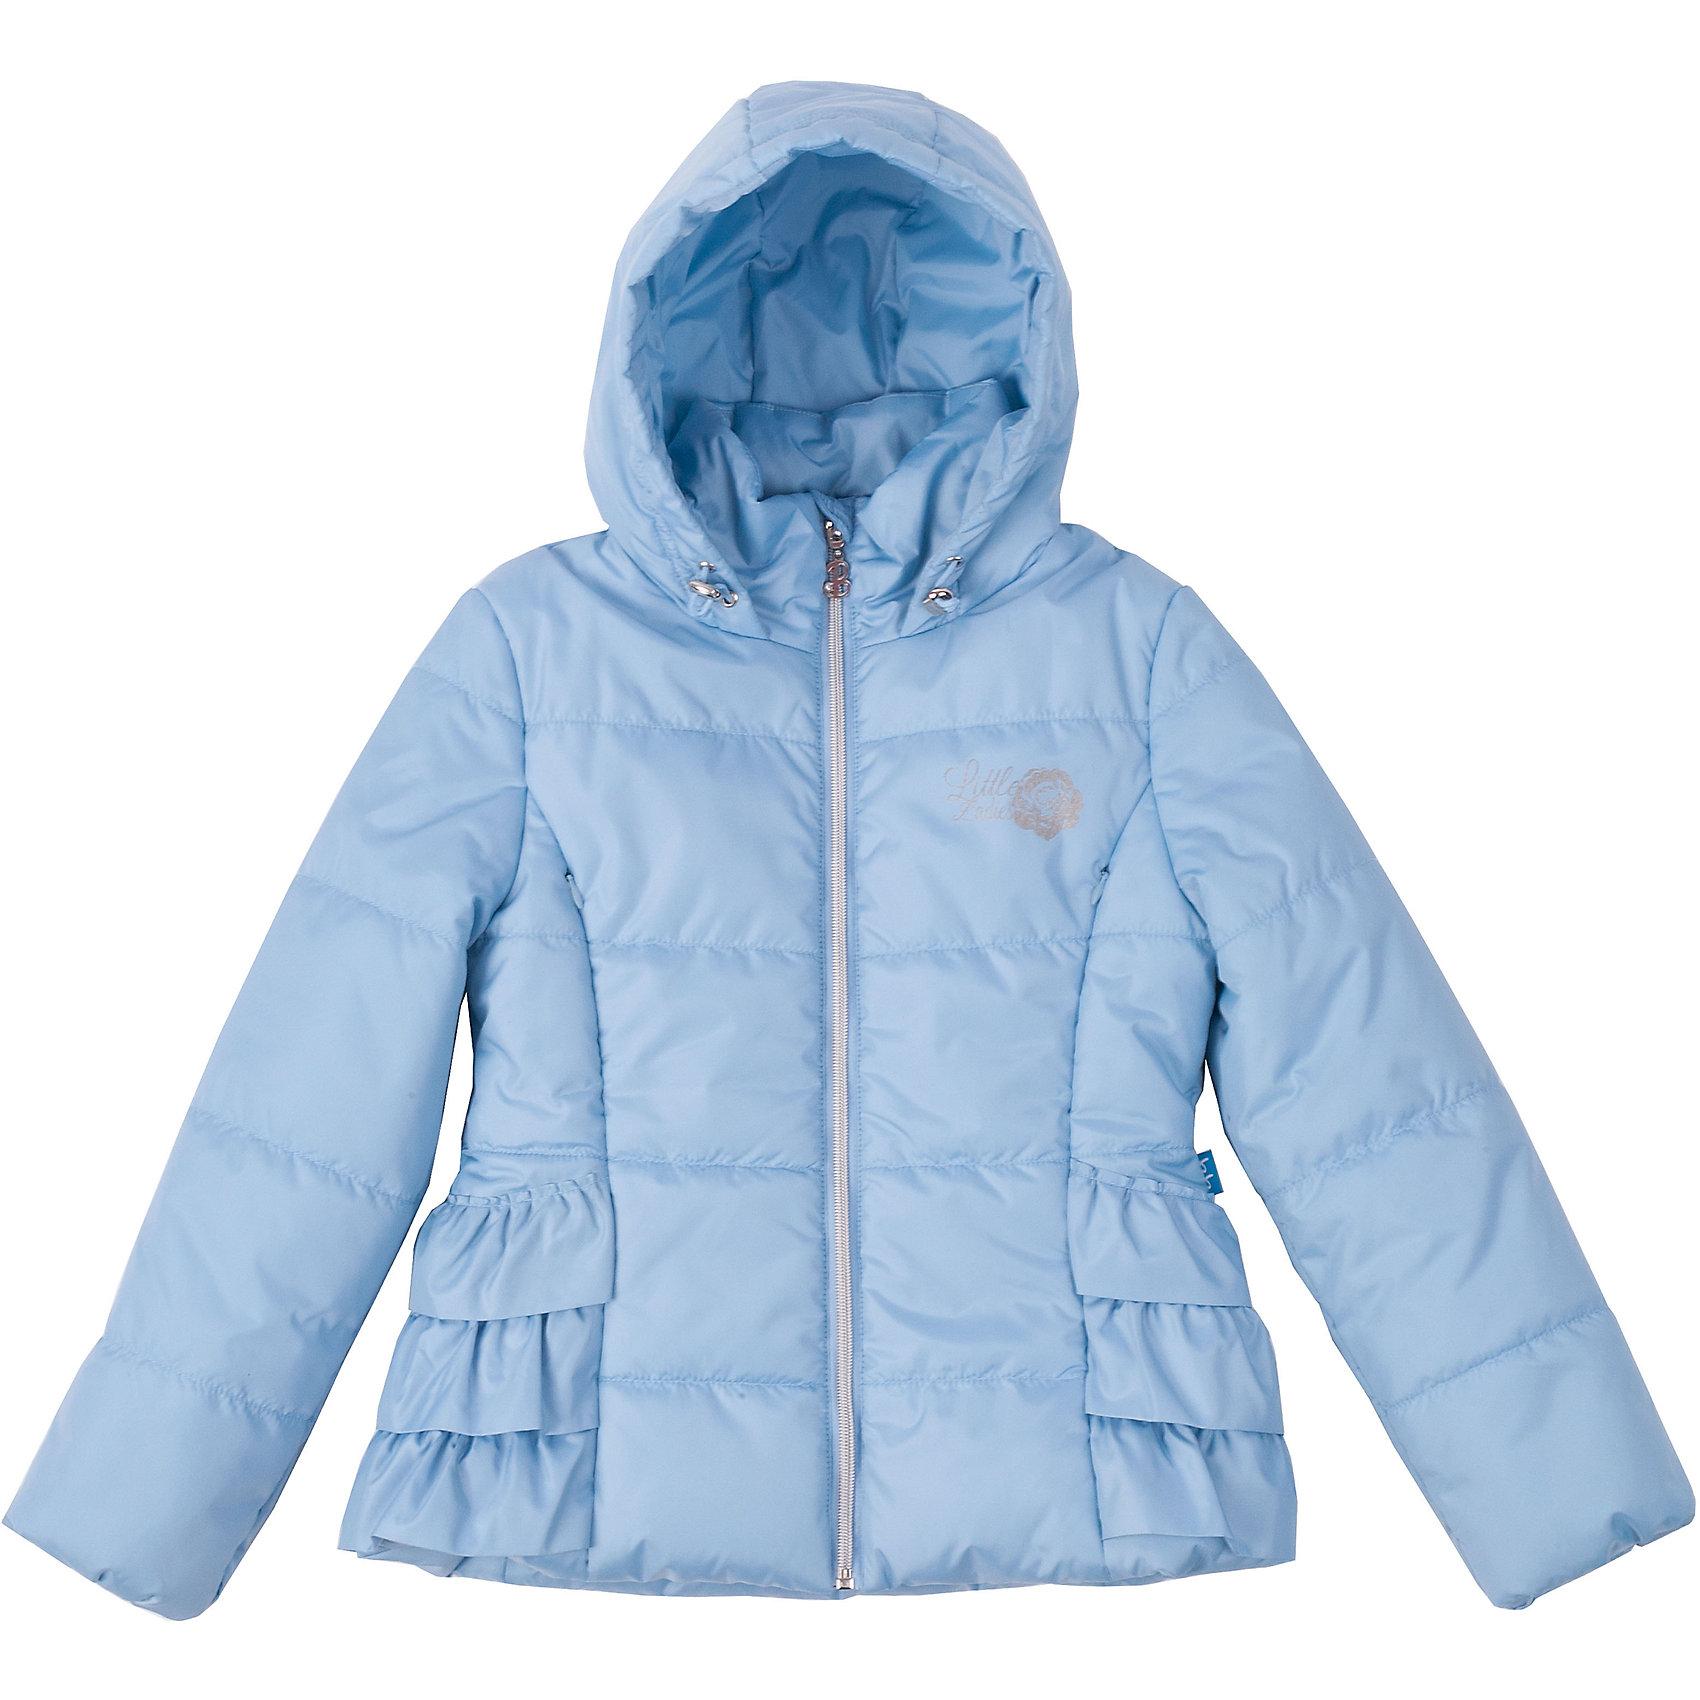 Куртка для девочки Button BlueУдобная красивая куртка на осень - залог хорошего настроения в ненастный день! Череда рюш на боковых деталях придают модели оригинальность. Капюшон куртки имеет утяжку от продувания!<br>Состав:<br>тк. верха:                        100%полиэстер,                           подкл.:  80%хлопок, 20%полиэстер/               100%полиэстер, утепл.:         100%полиэстер<br><br>Ширина мм: 356<br>Глубина мм: 10<br>Высота мм: 245<br>Вес г: 519<br>Цвет: голубой<br>Возраст от месяцев: 24<br>Возраст до месяцев: 36<br>Пол: Женский<br>Возраст: Детский<br>Размер: 98,122,116,110,104<br>SKU: 4227220